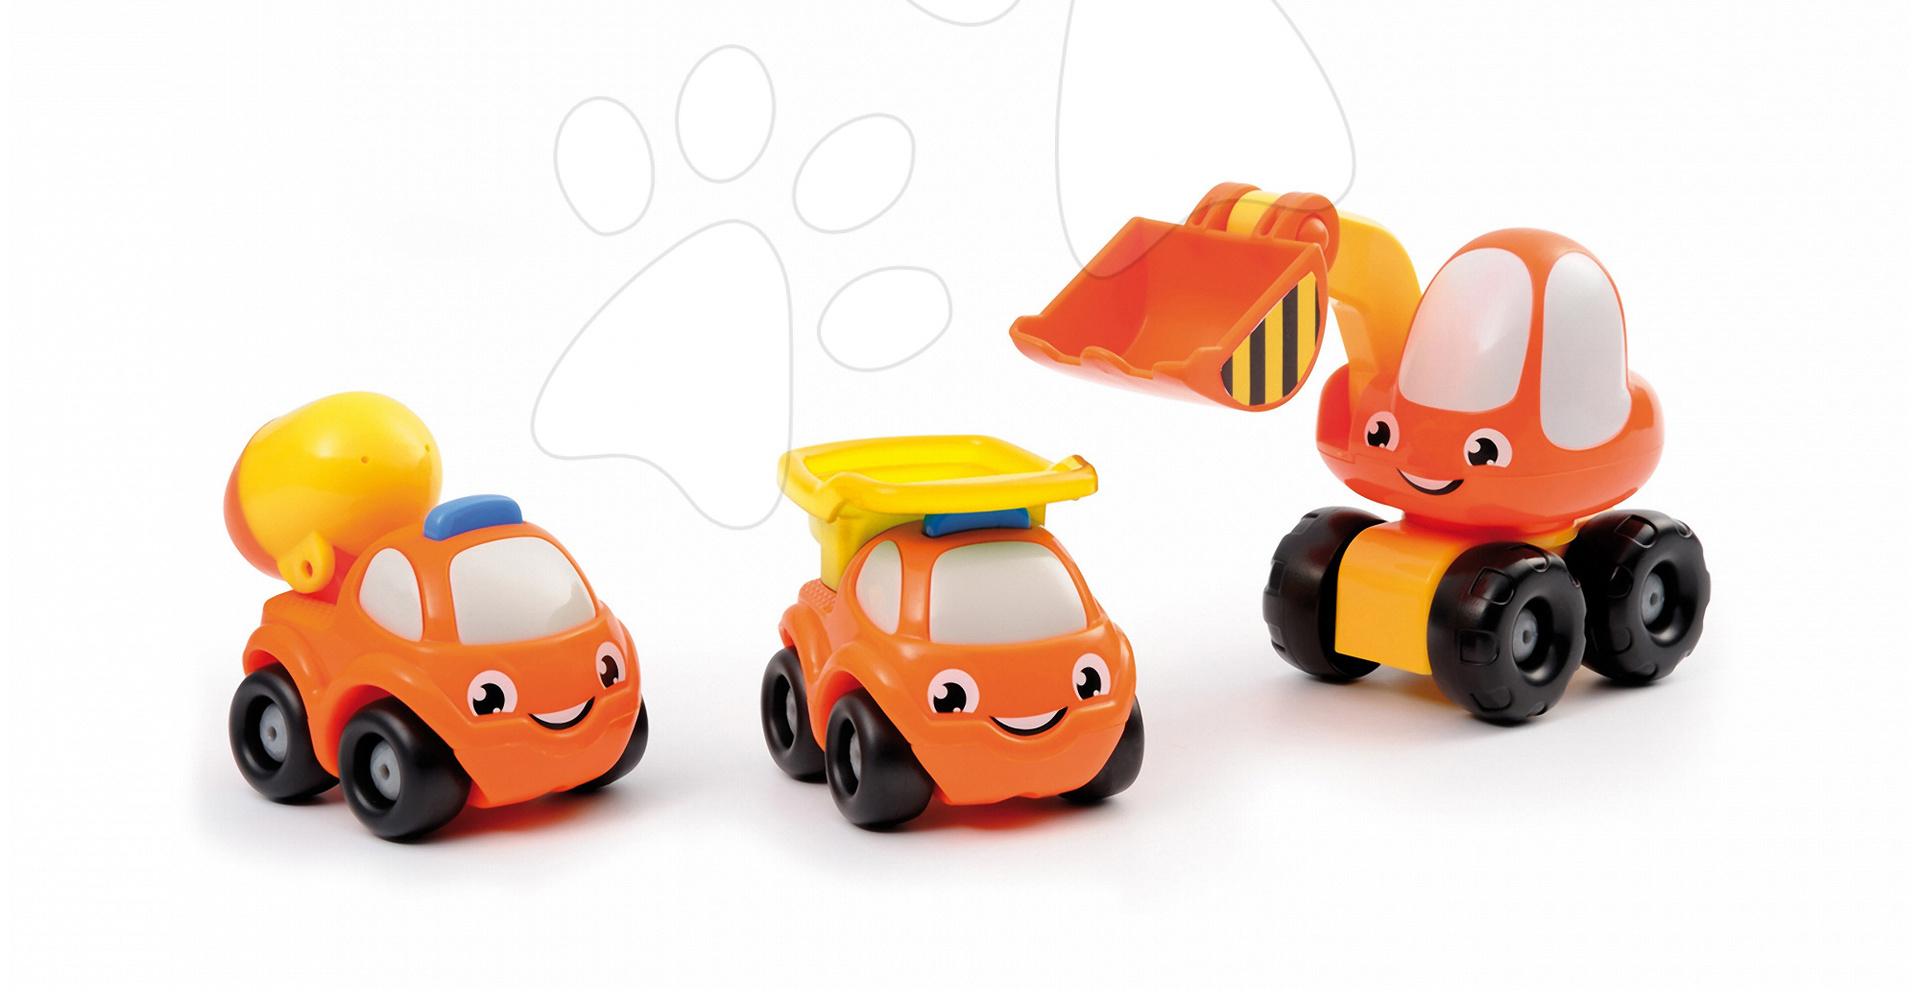 Sada 3 stavebních autíček Vroom Planet Smoby buldozer, sklápěč, míchačka délka 8 cm v obalu od 12 měsíců